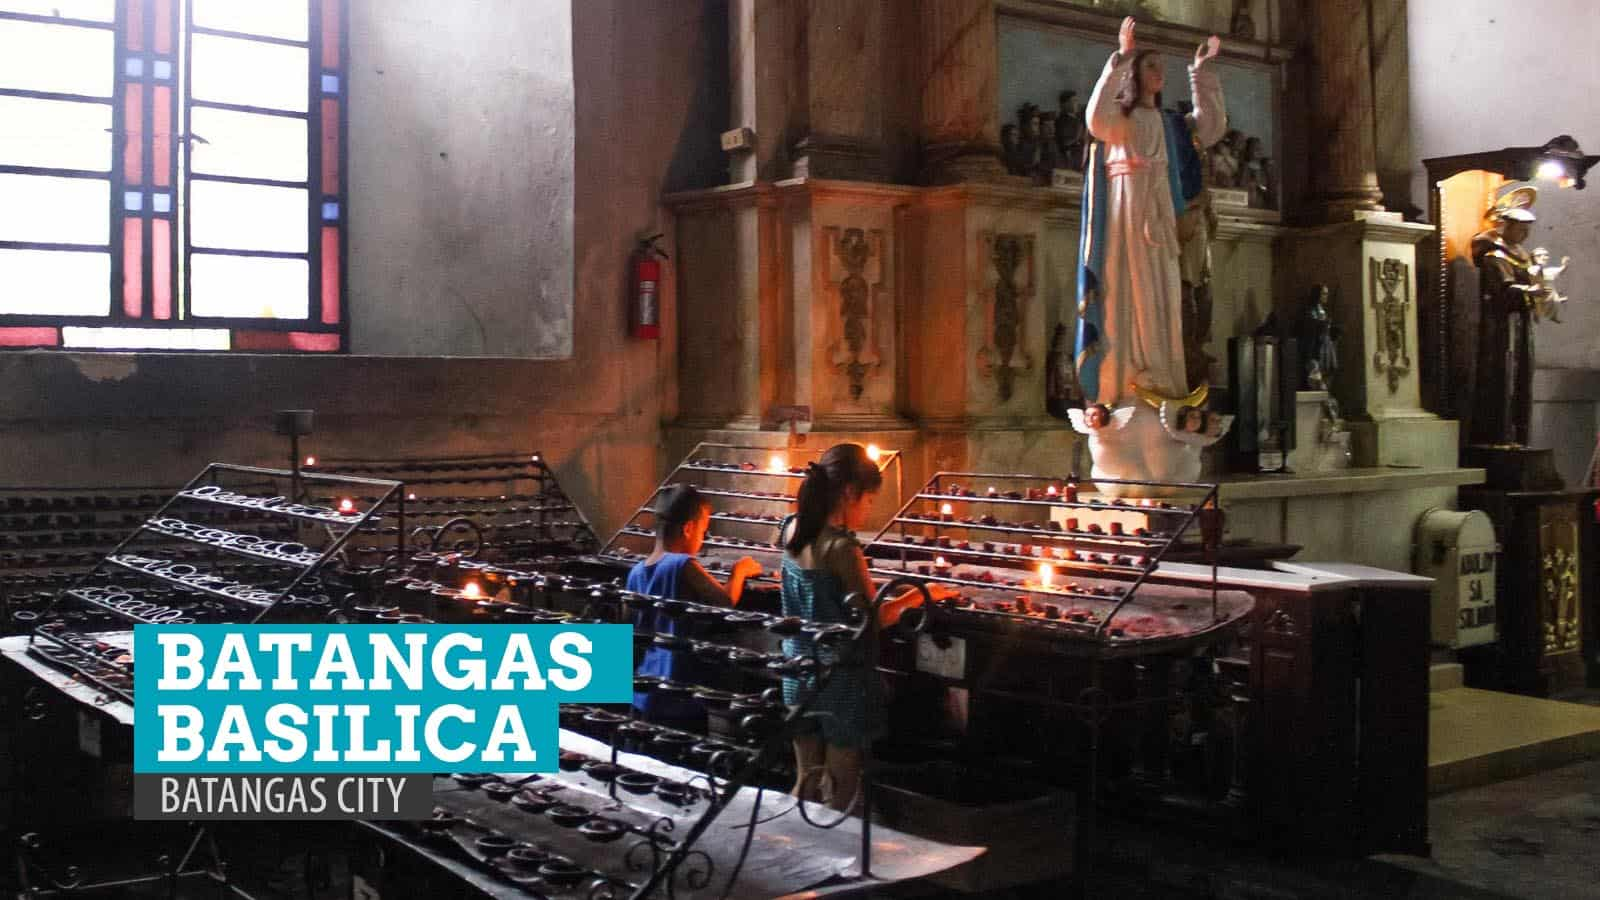 八打雁基地:八打雁市的无玷圣母大教堂 穷游者行程博客